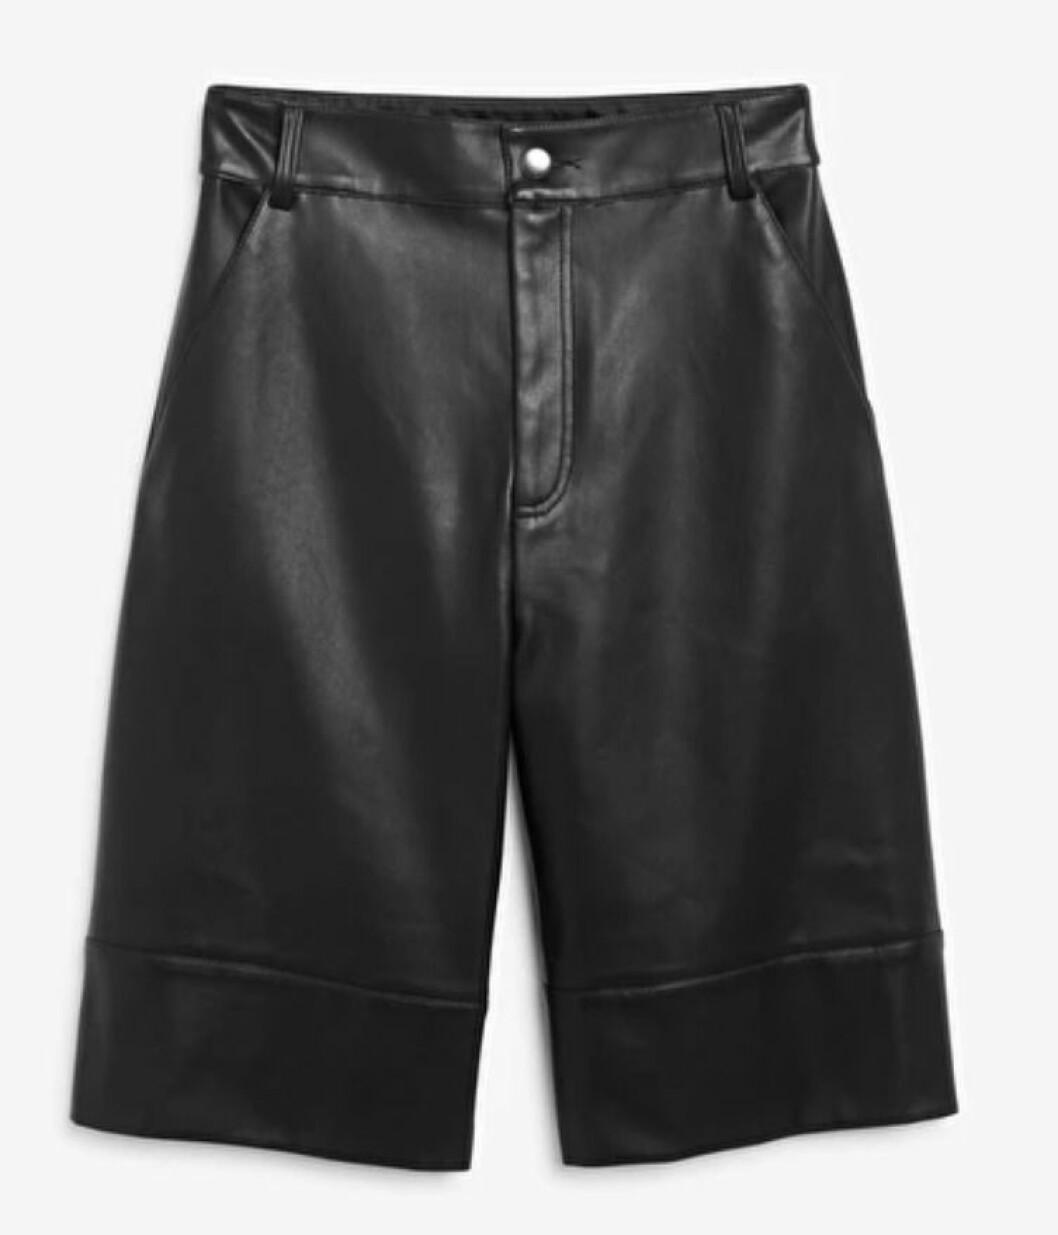 Bermudashorts i läderimitation från Monki.